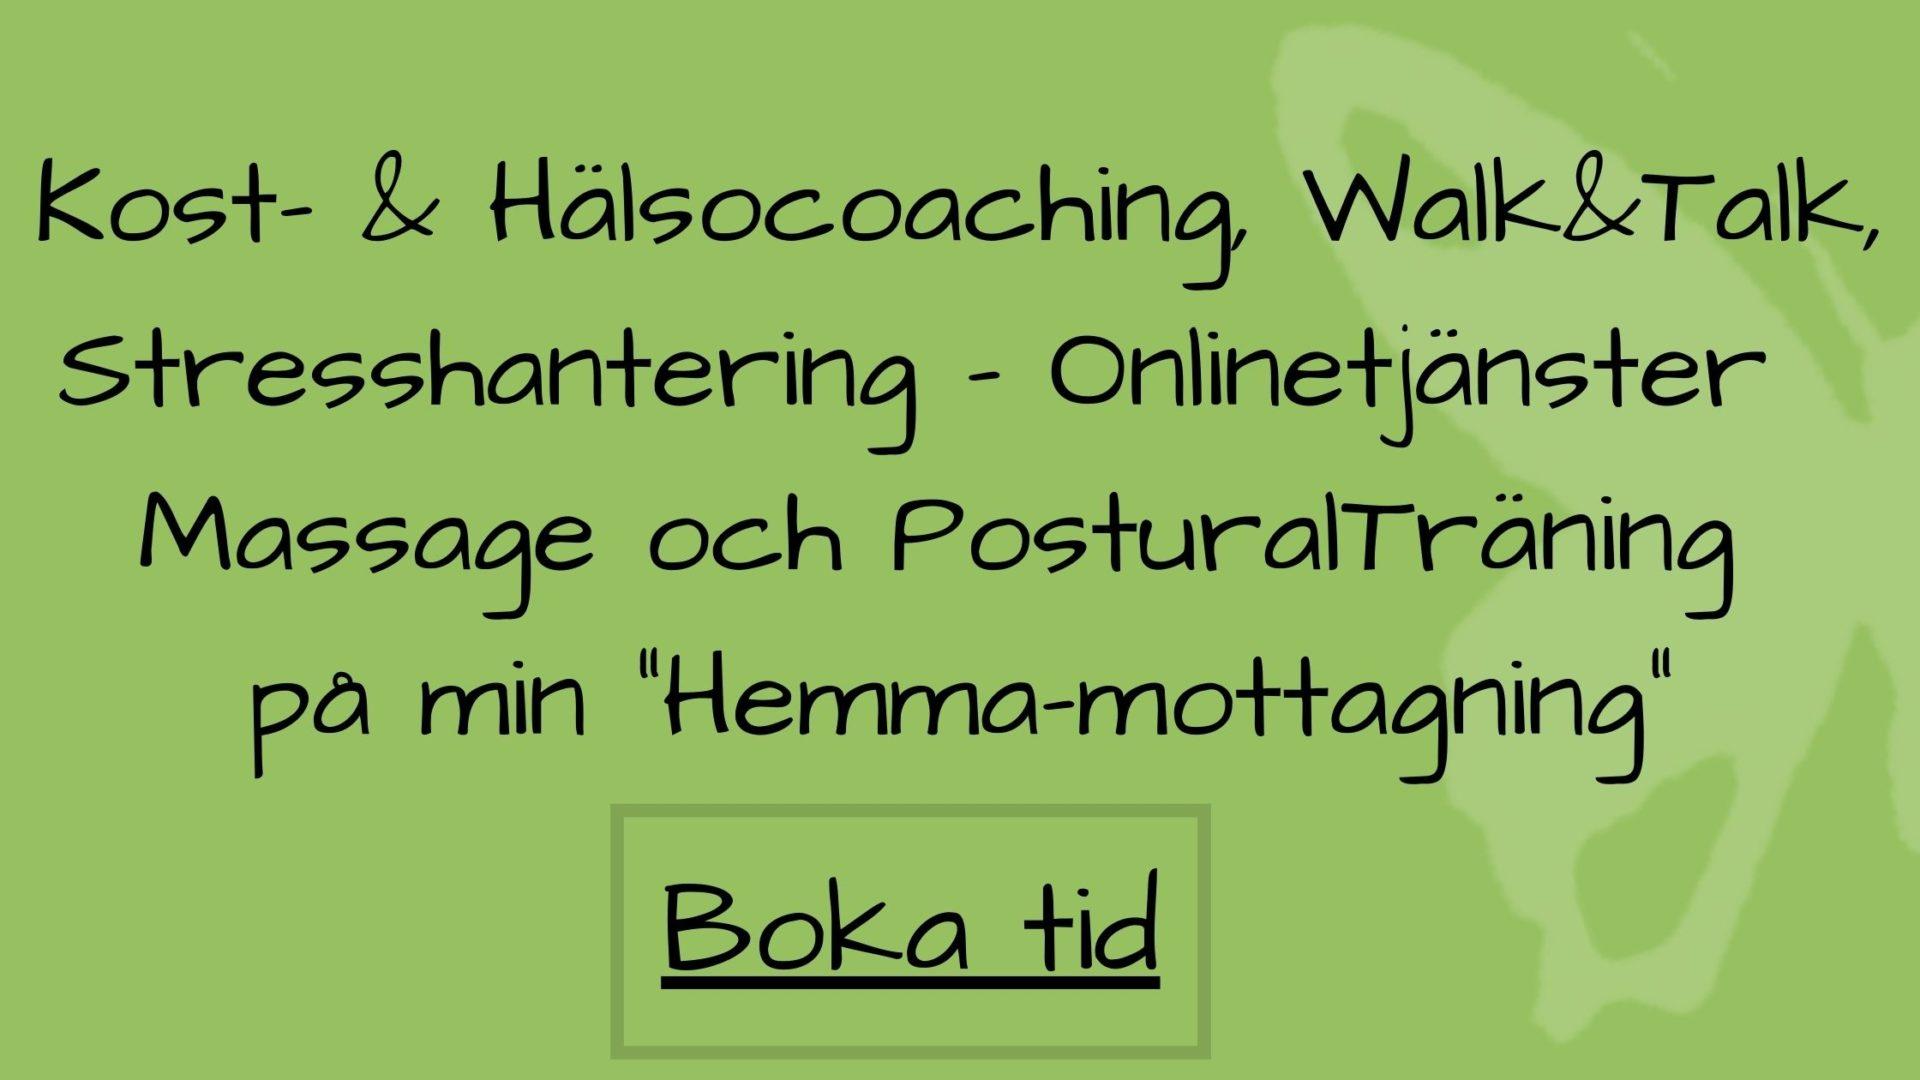 Boka Kost- & Hälsocoaching, stresshantering, onlinetjänster